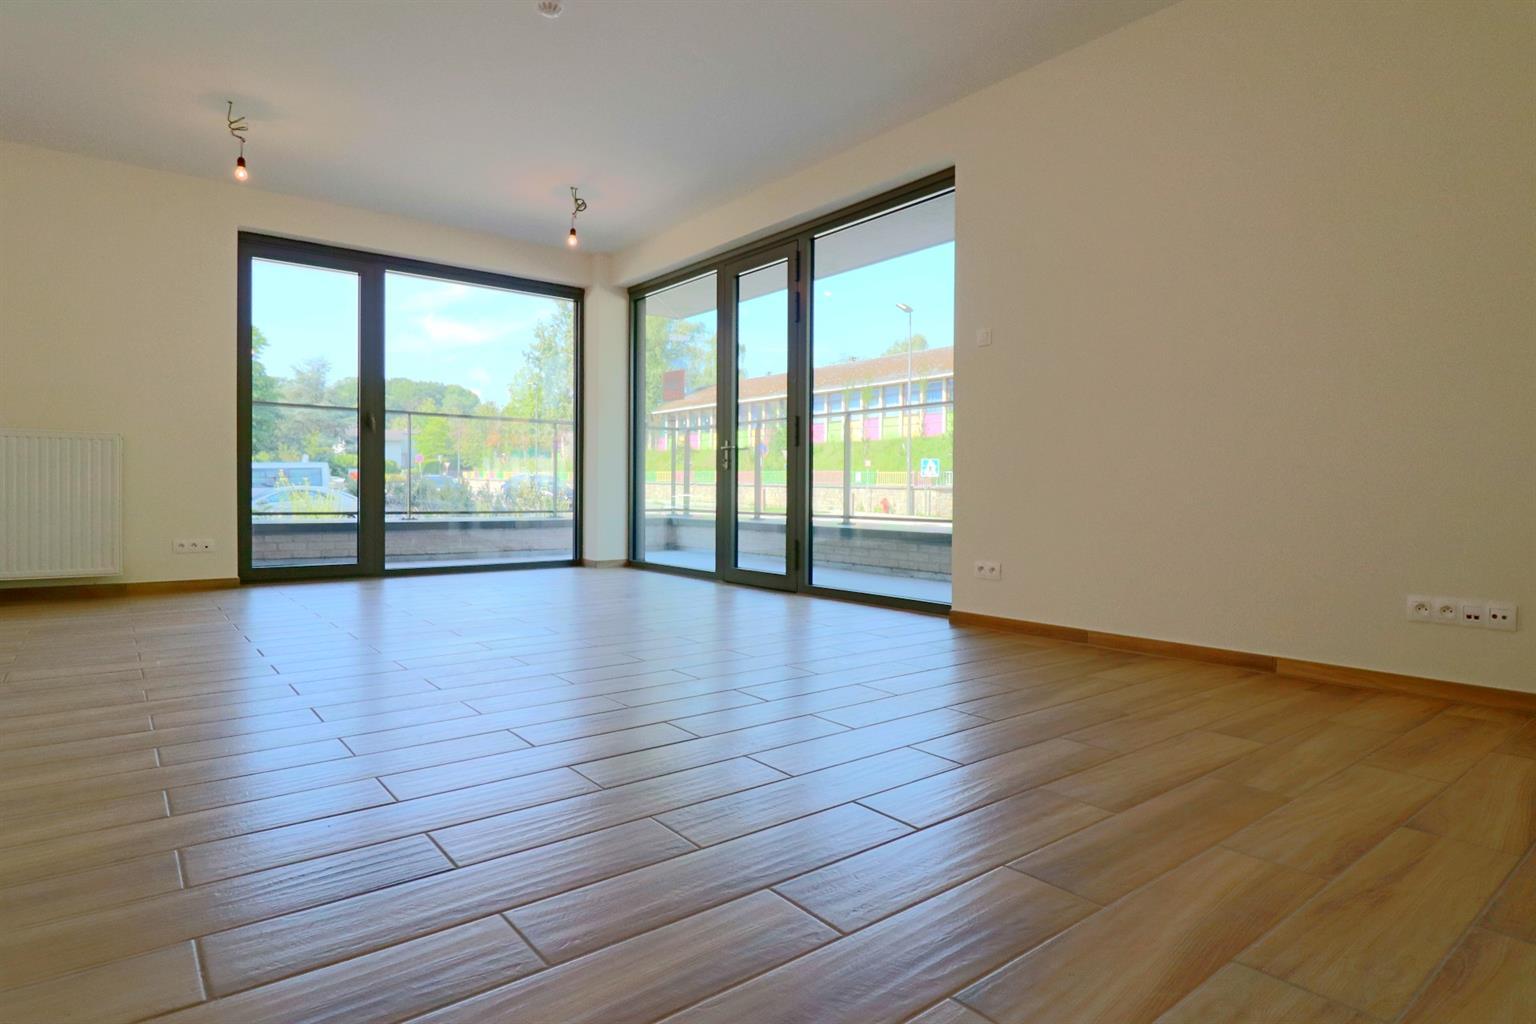 Appartement - Ottignies-Louvain-la-Neuve - #4406699-1